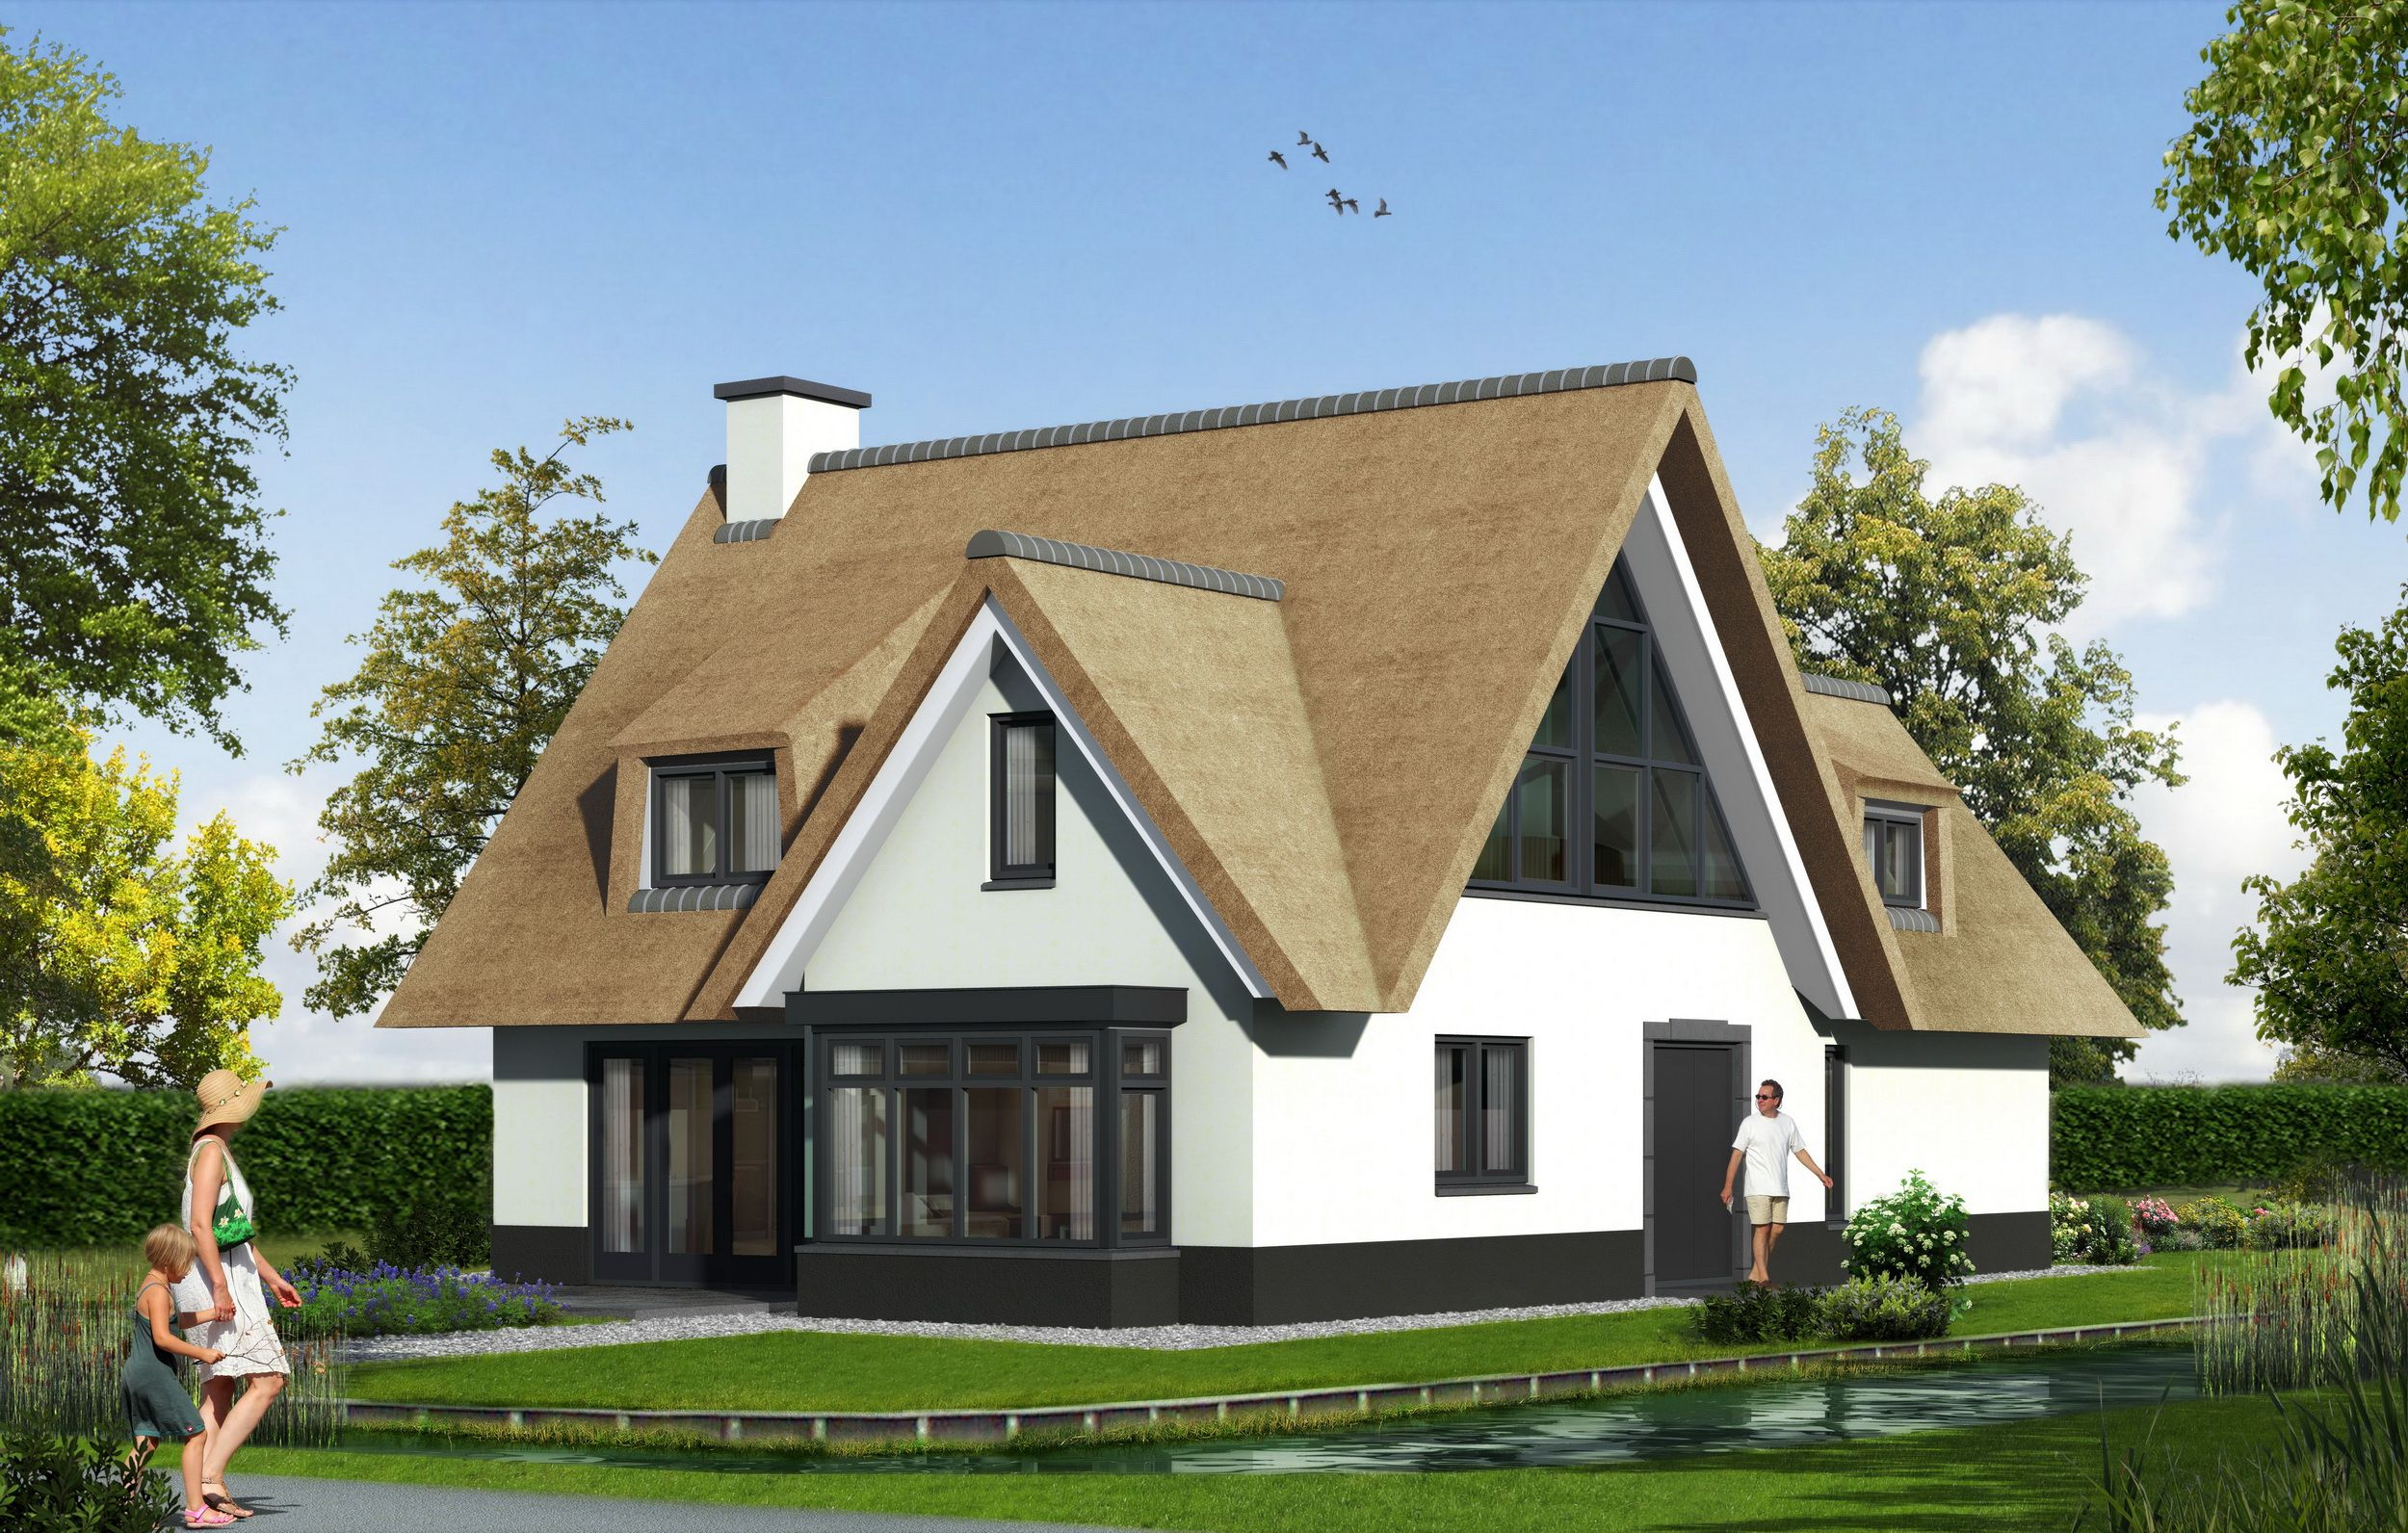 Landelijke woning riet wit gestuukt brand bba architecten huizen